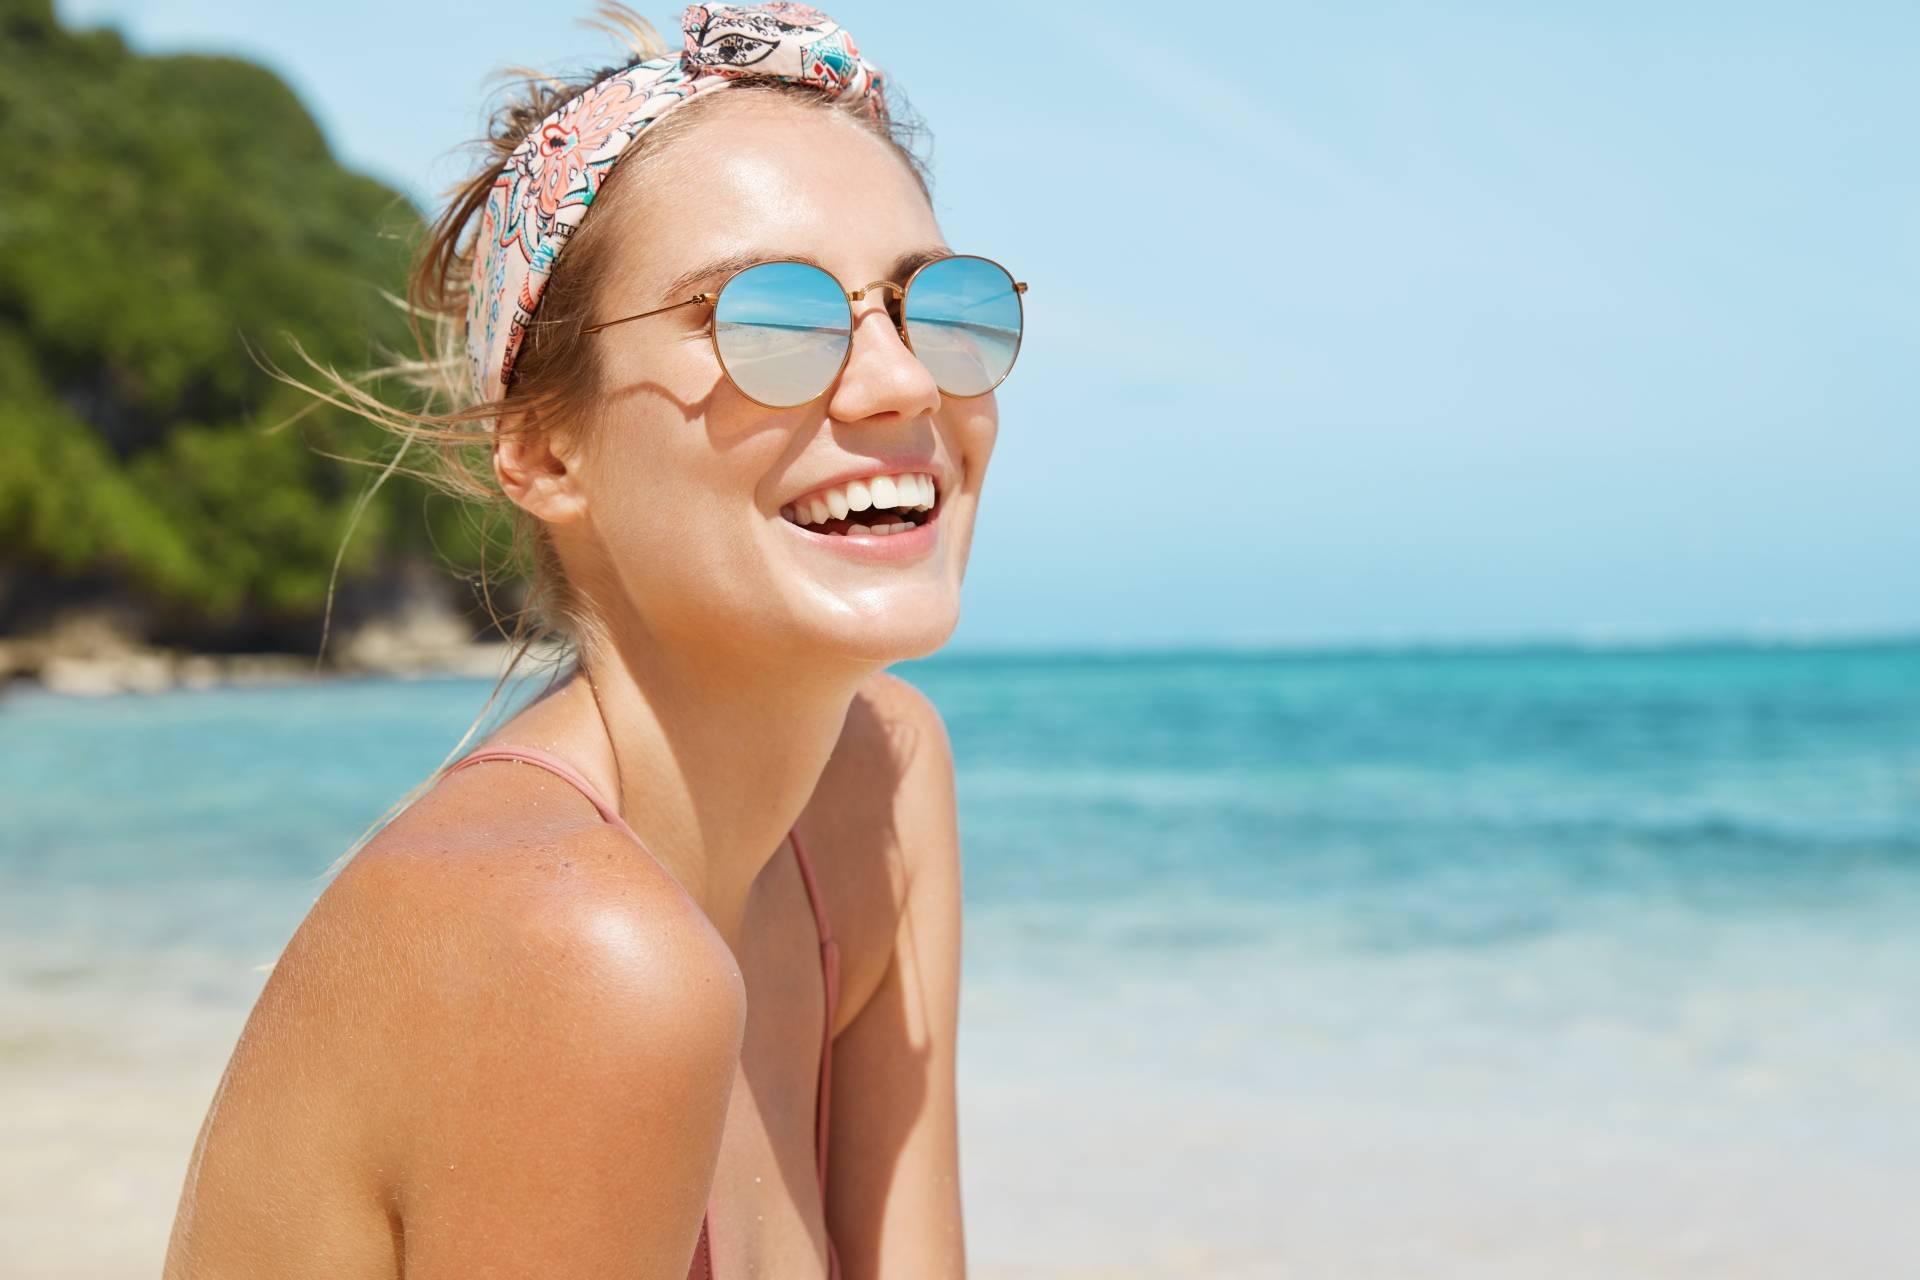 Opalanie przy problemach z cerą. Młoda dziewczyna opala się na plaży.